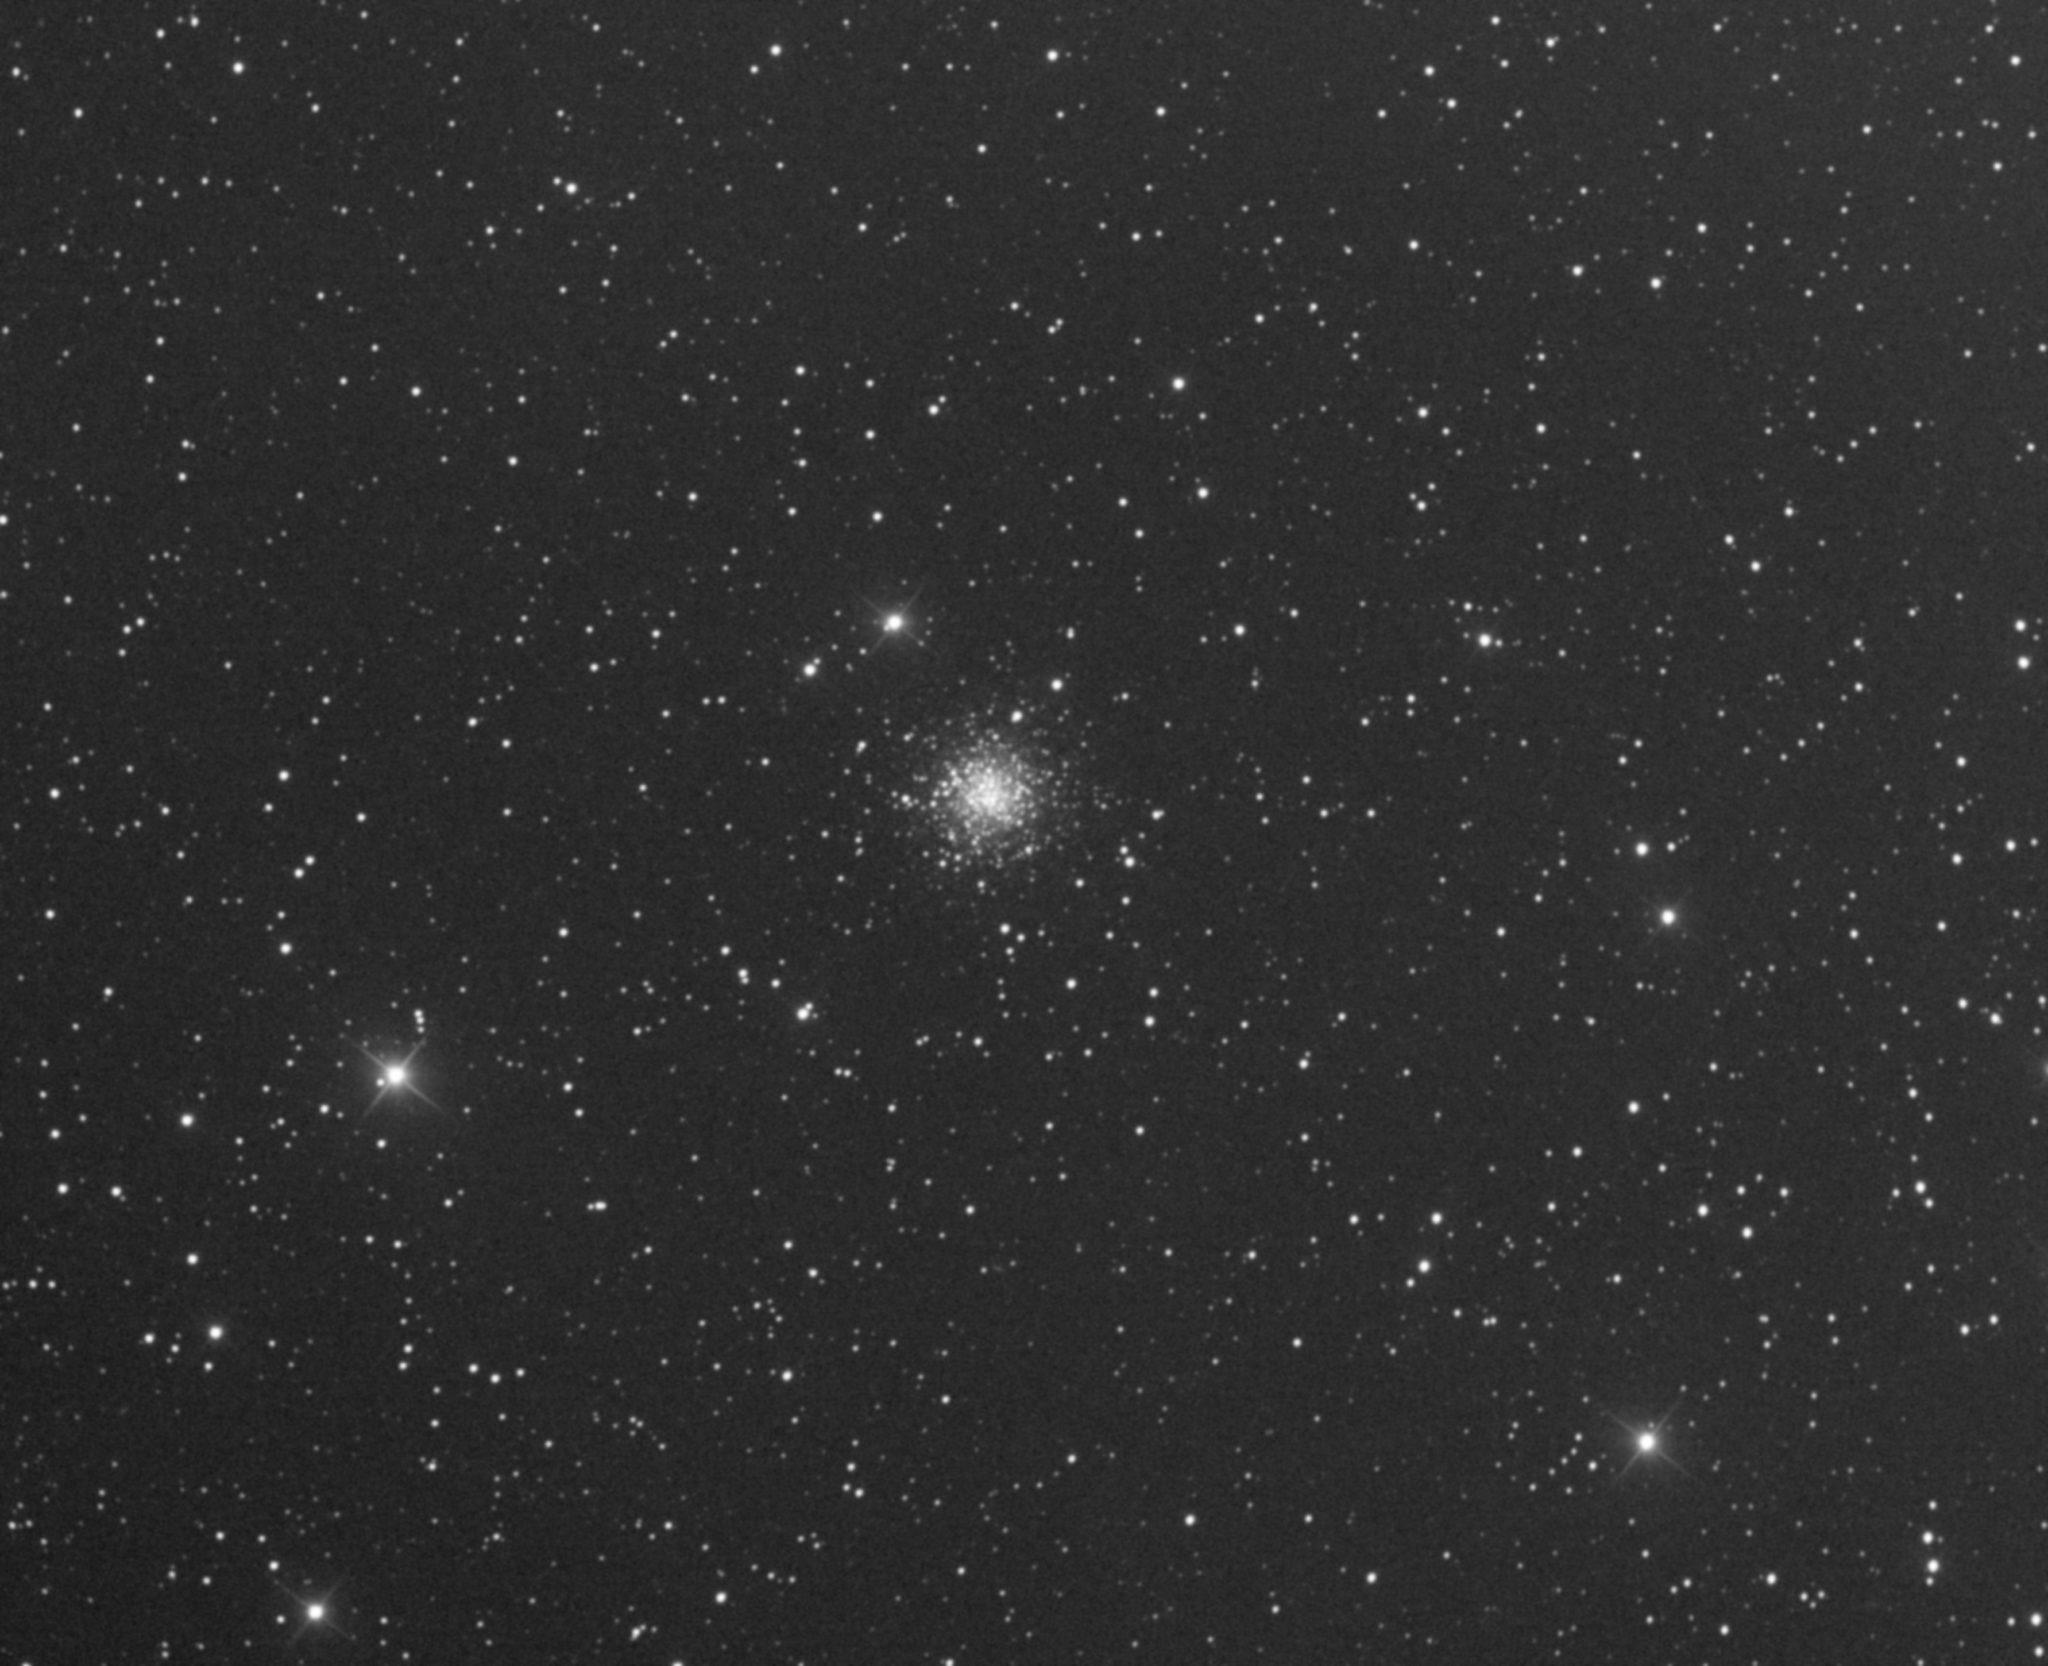 Messier 72